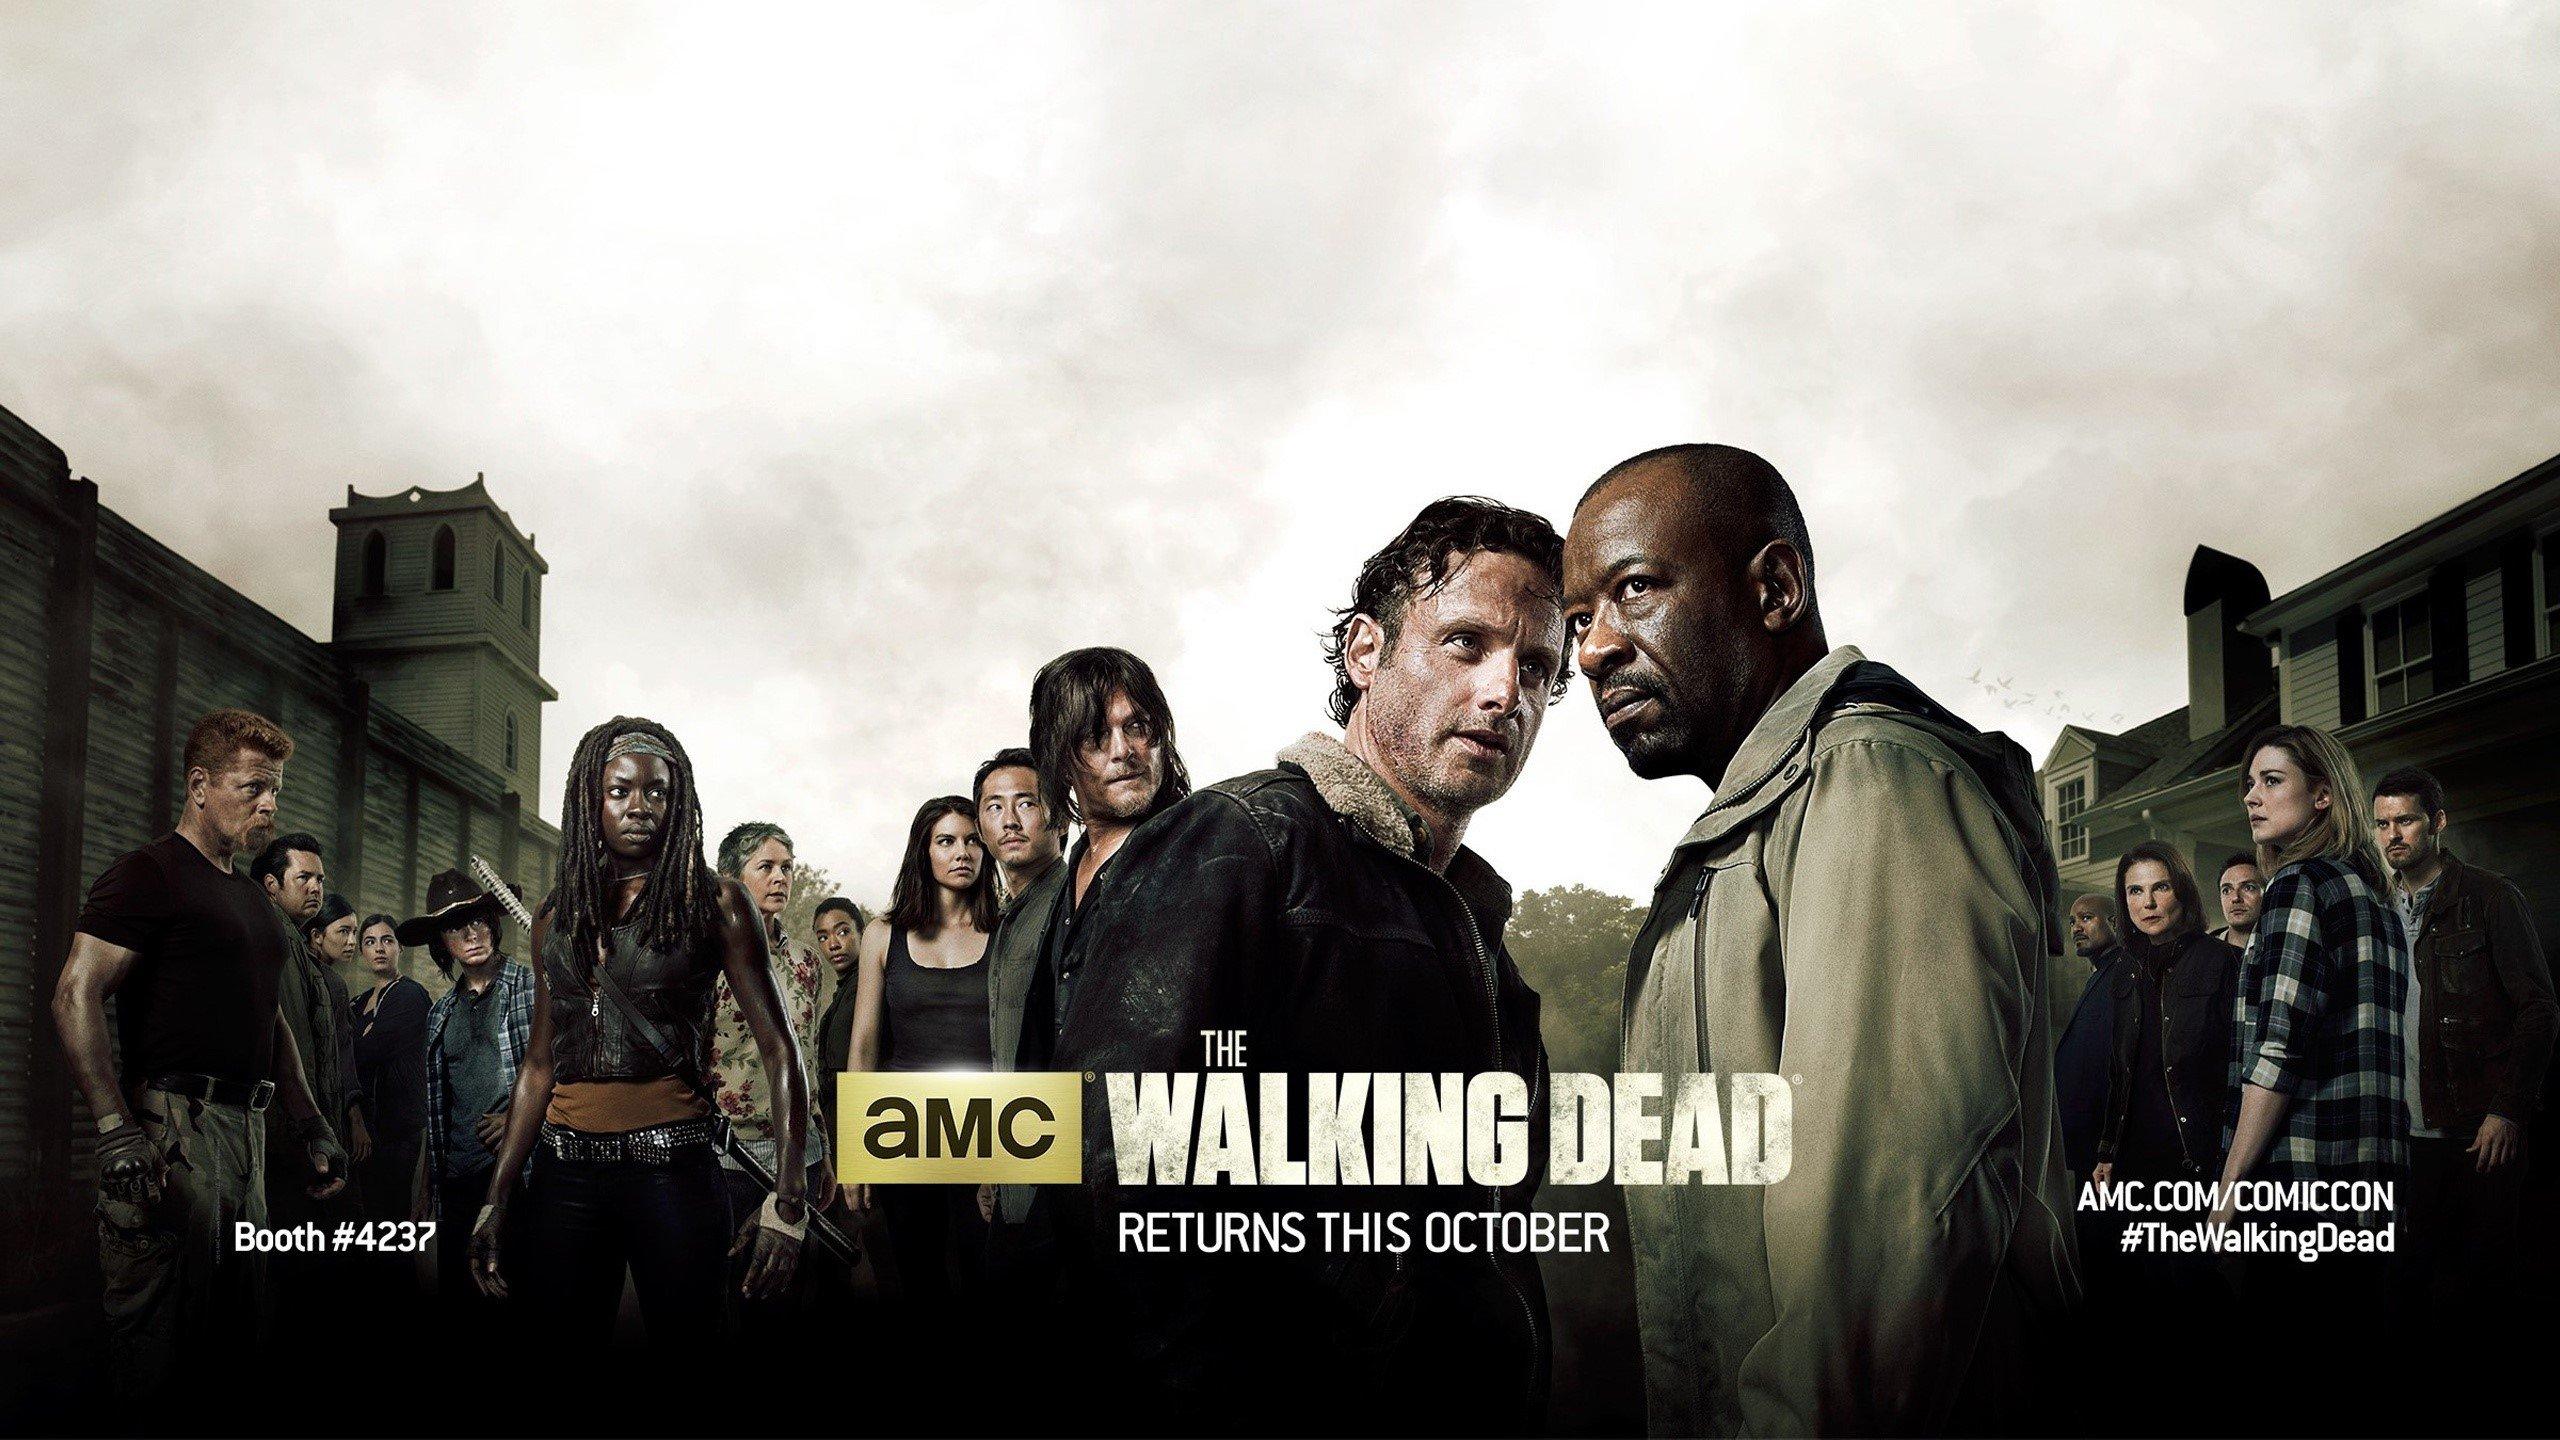 Wallpaper Season 6 of The Walking Dead